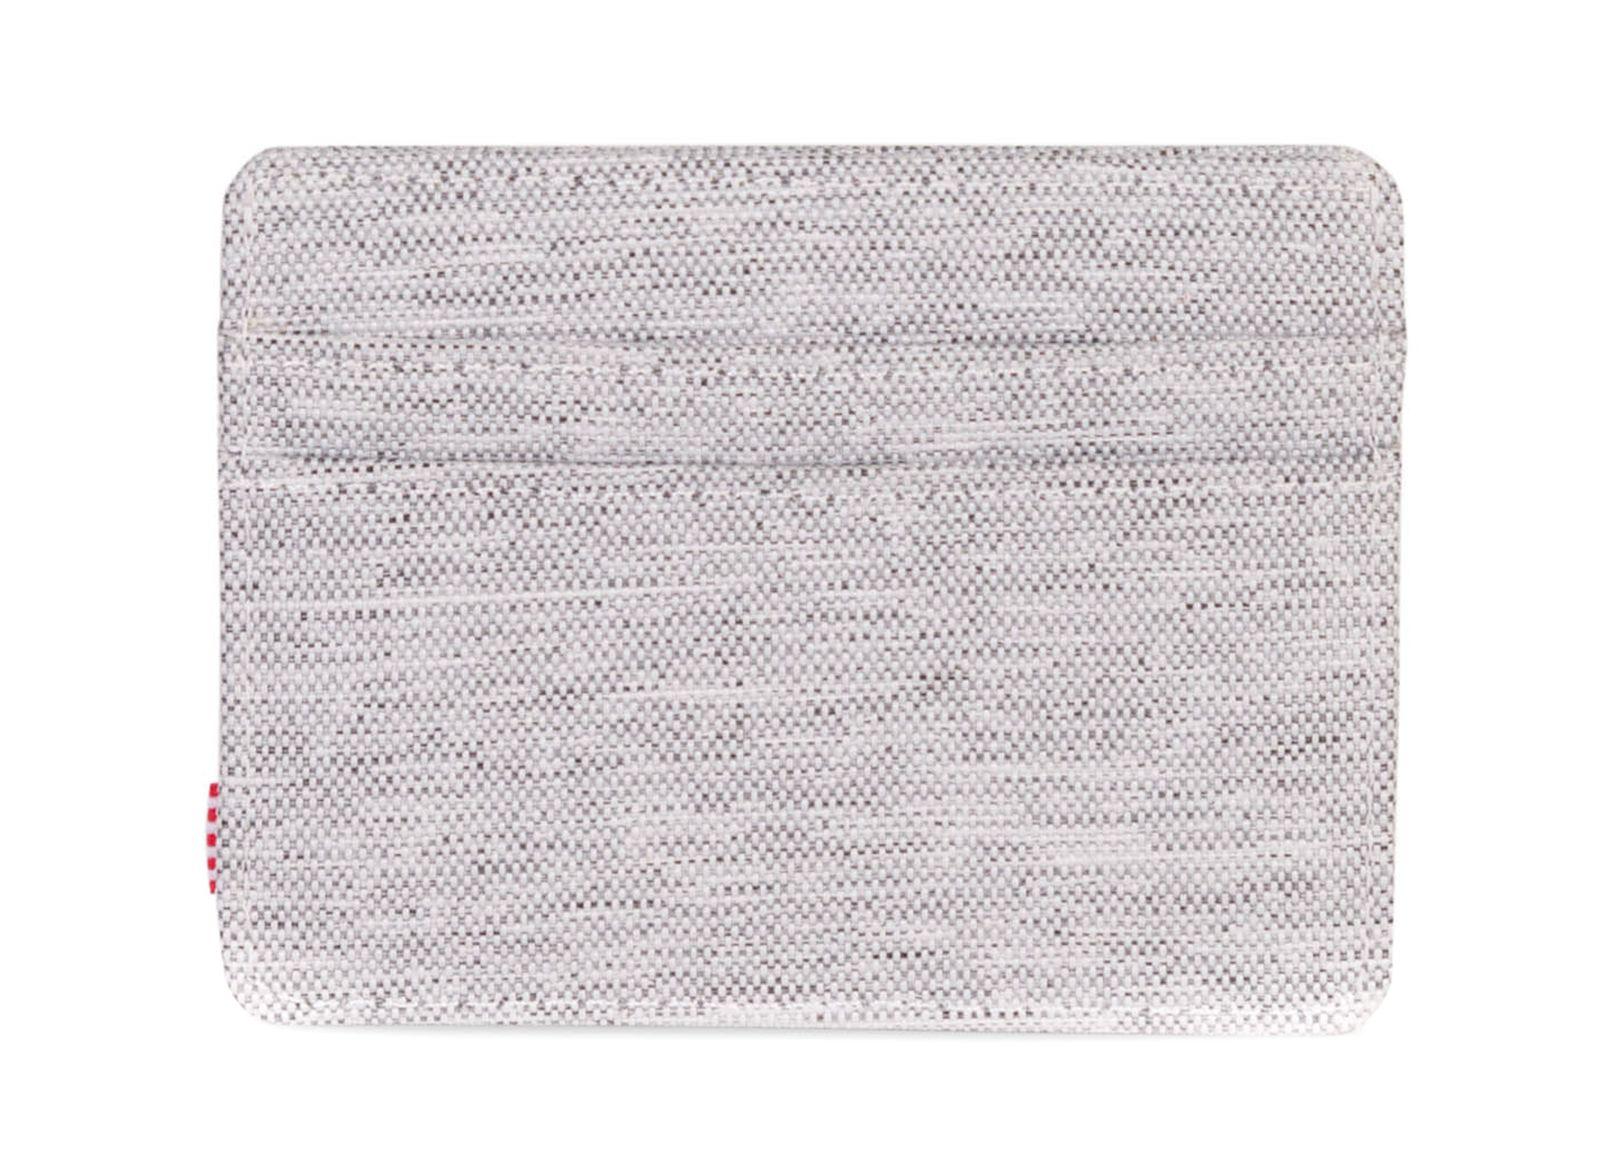 Herschel Charlie Rfid Wallet Light Grey Crosshatch